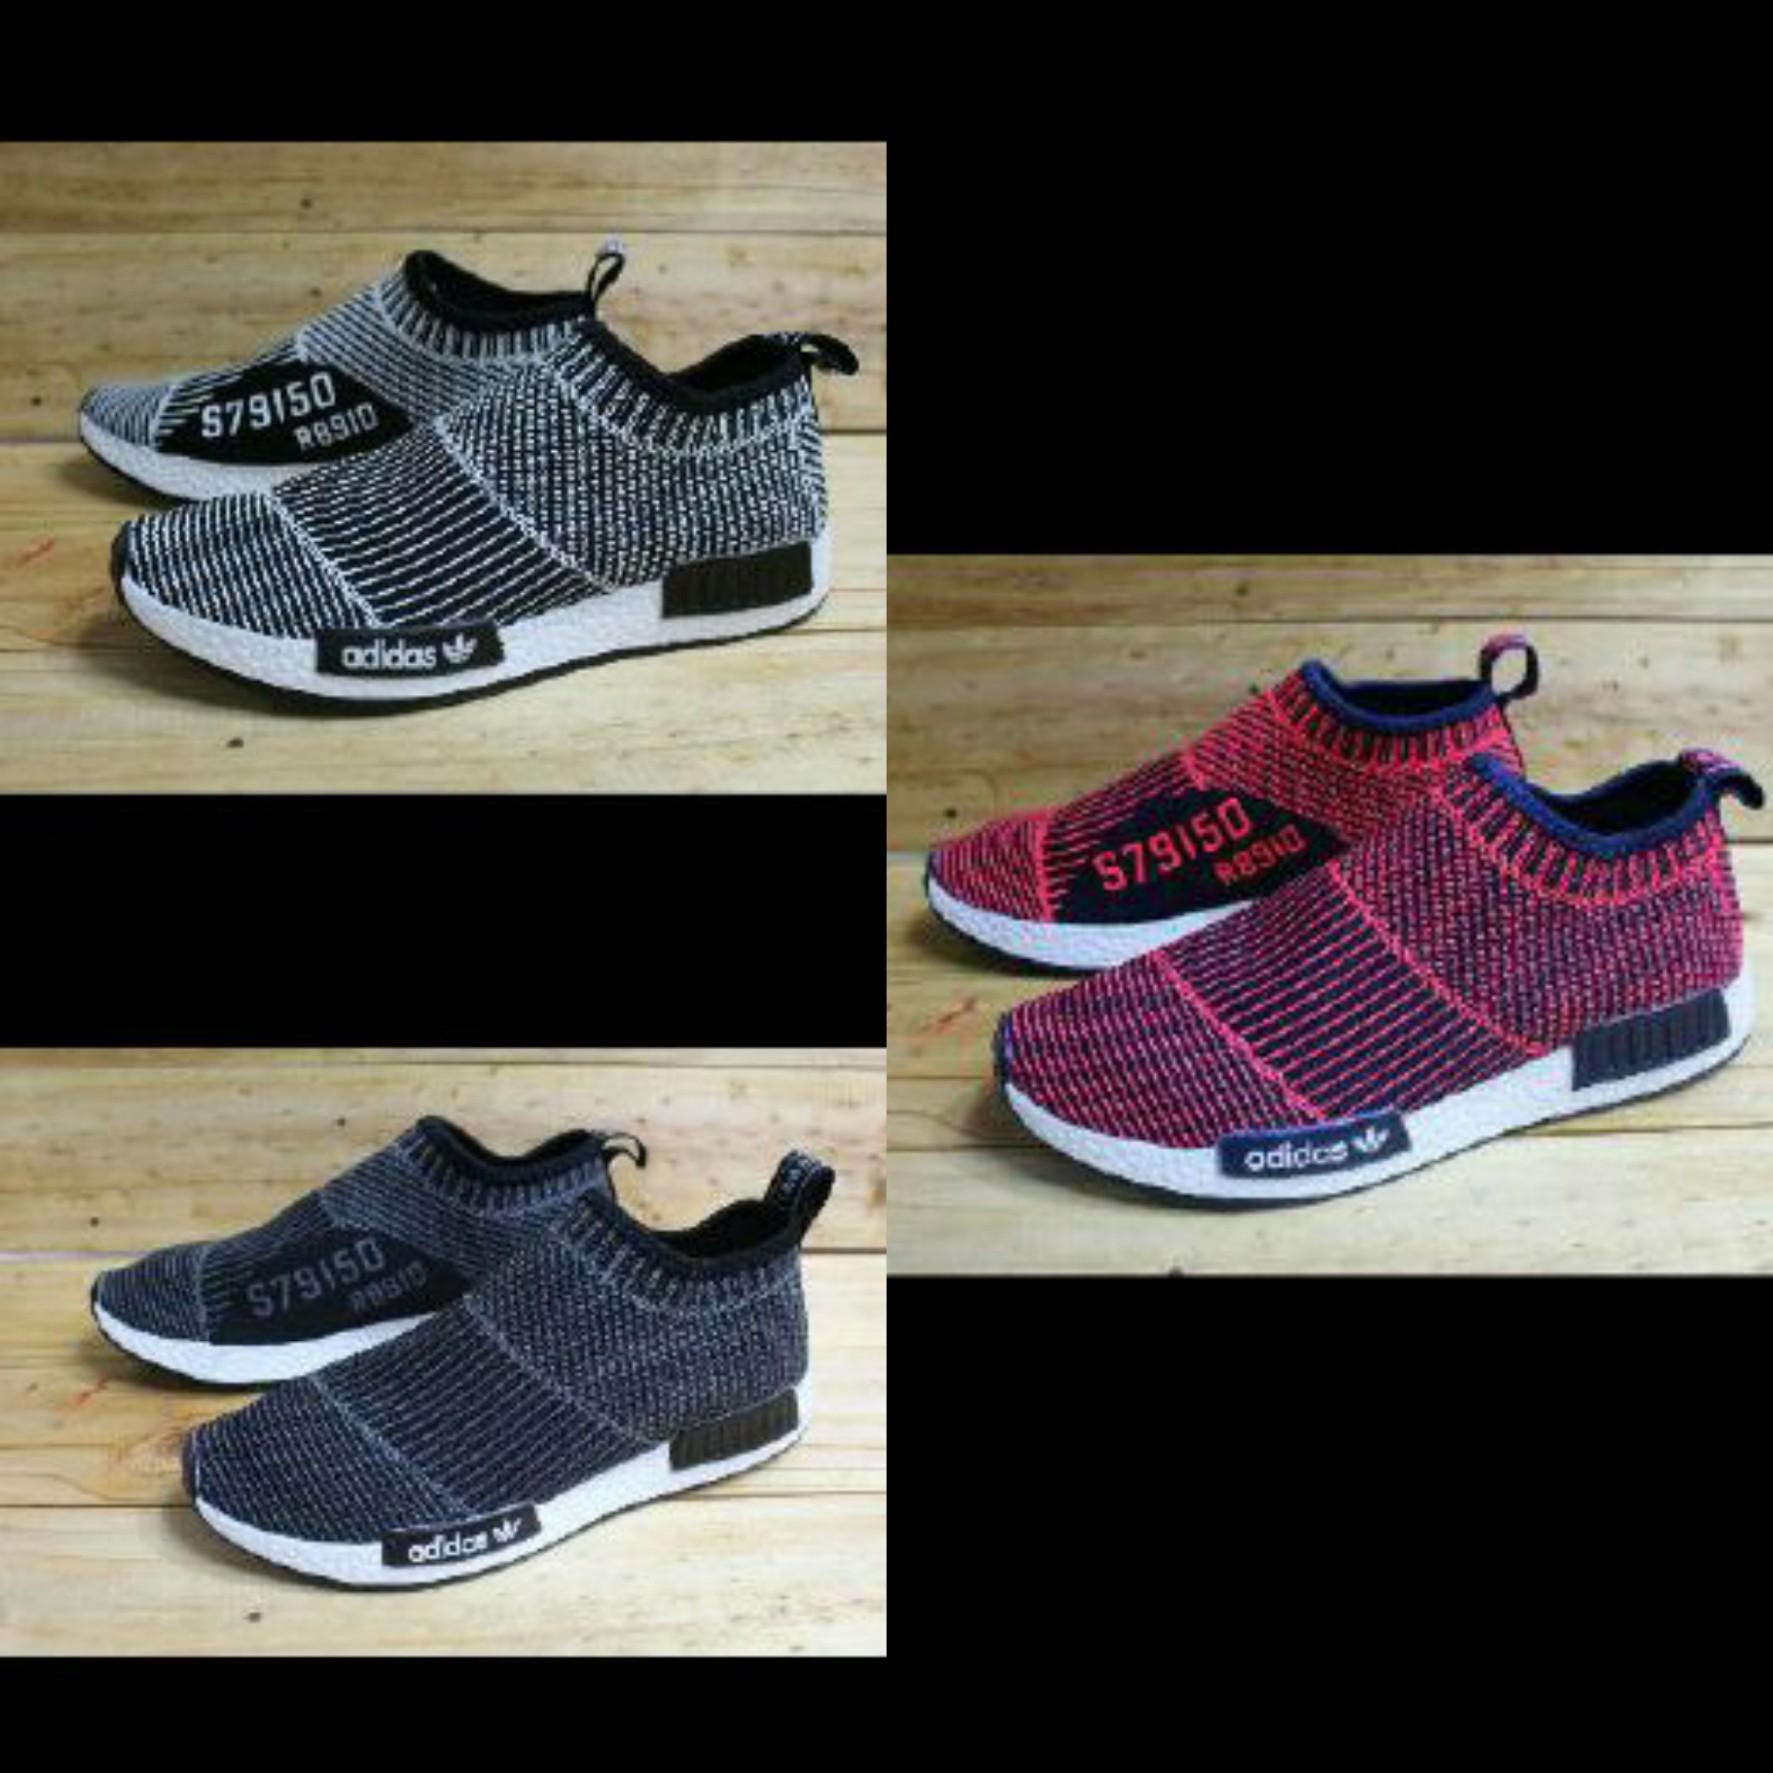 Jual Sepatu Adidas Sepatu Adidas Premium Sepatu Adidas Original